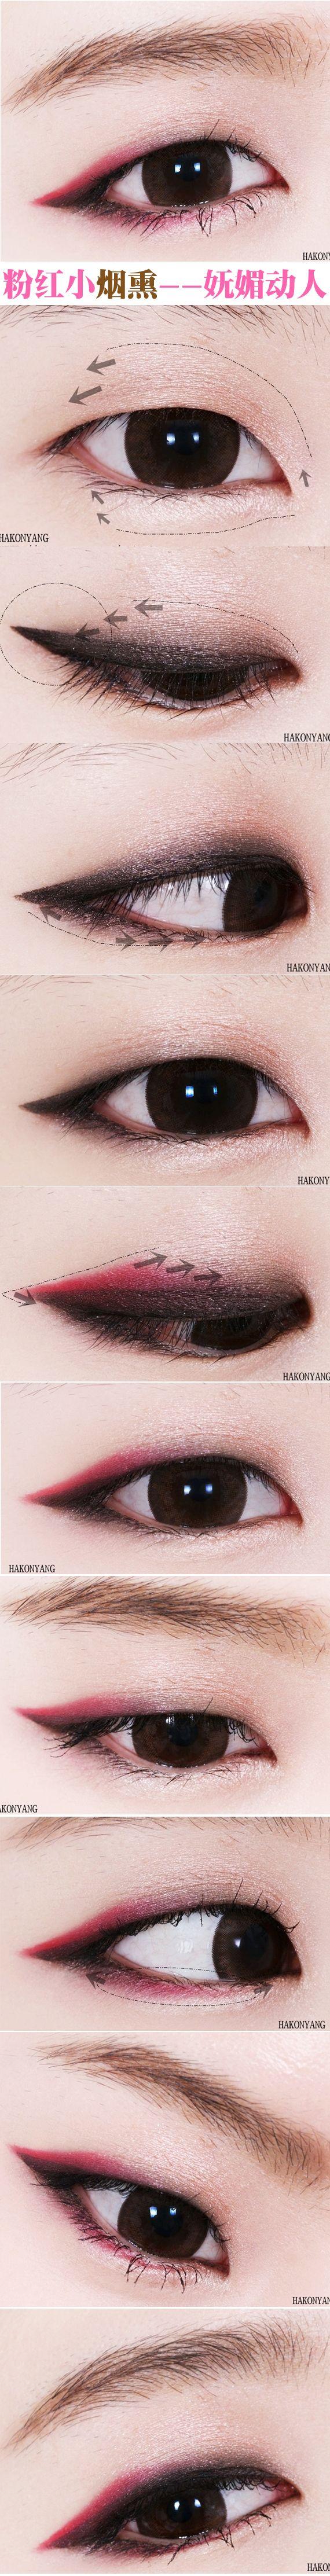 asian makeup tutorial  www.AsianSkincare.Rocks                                                                                                                                                     More